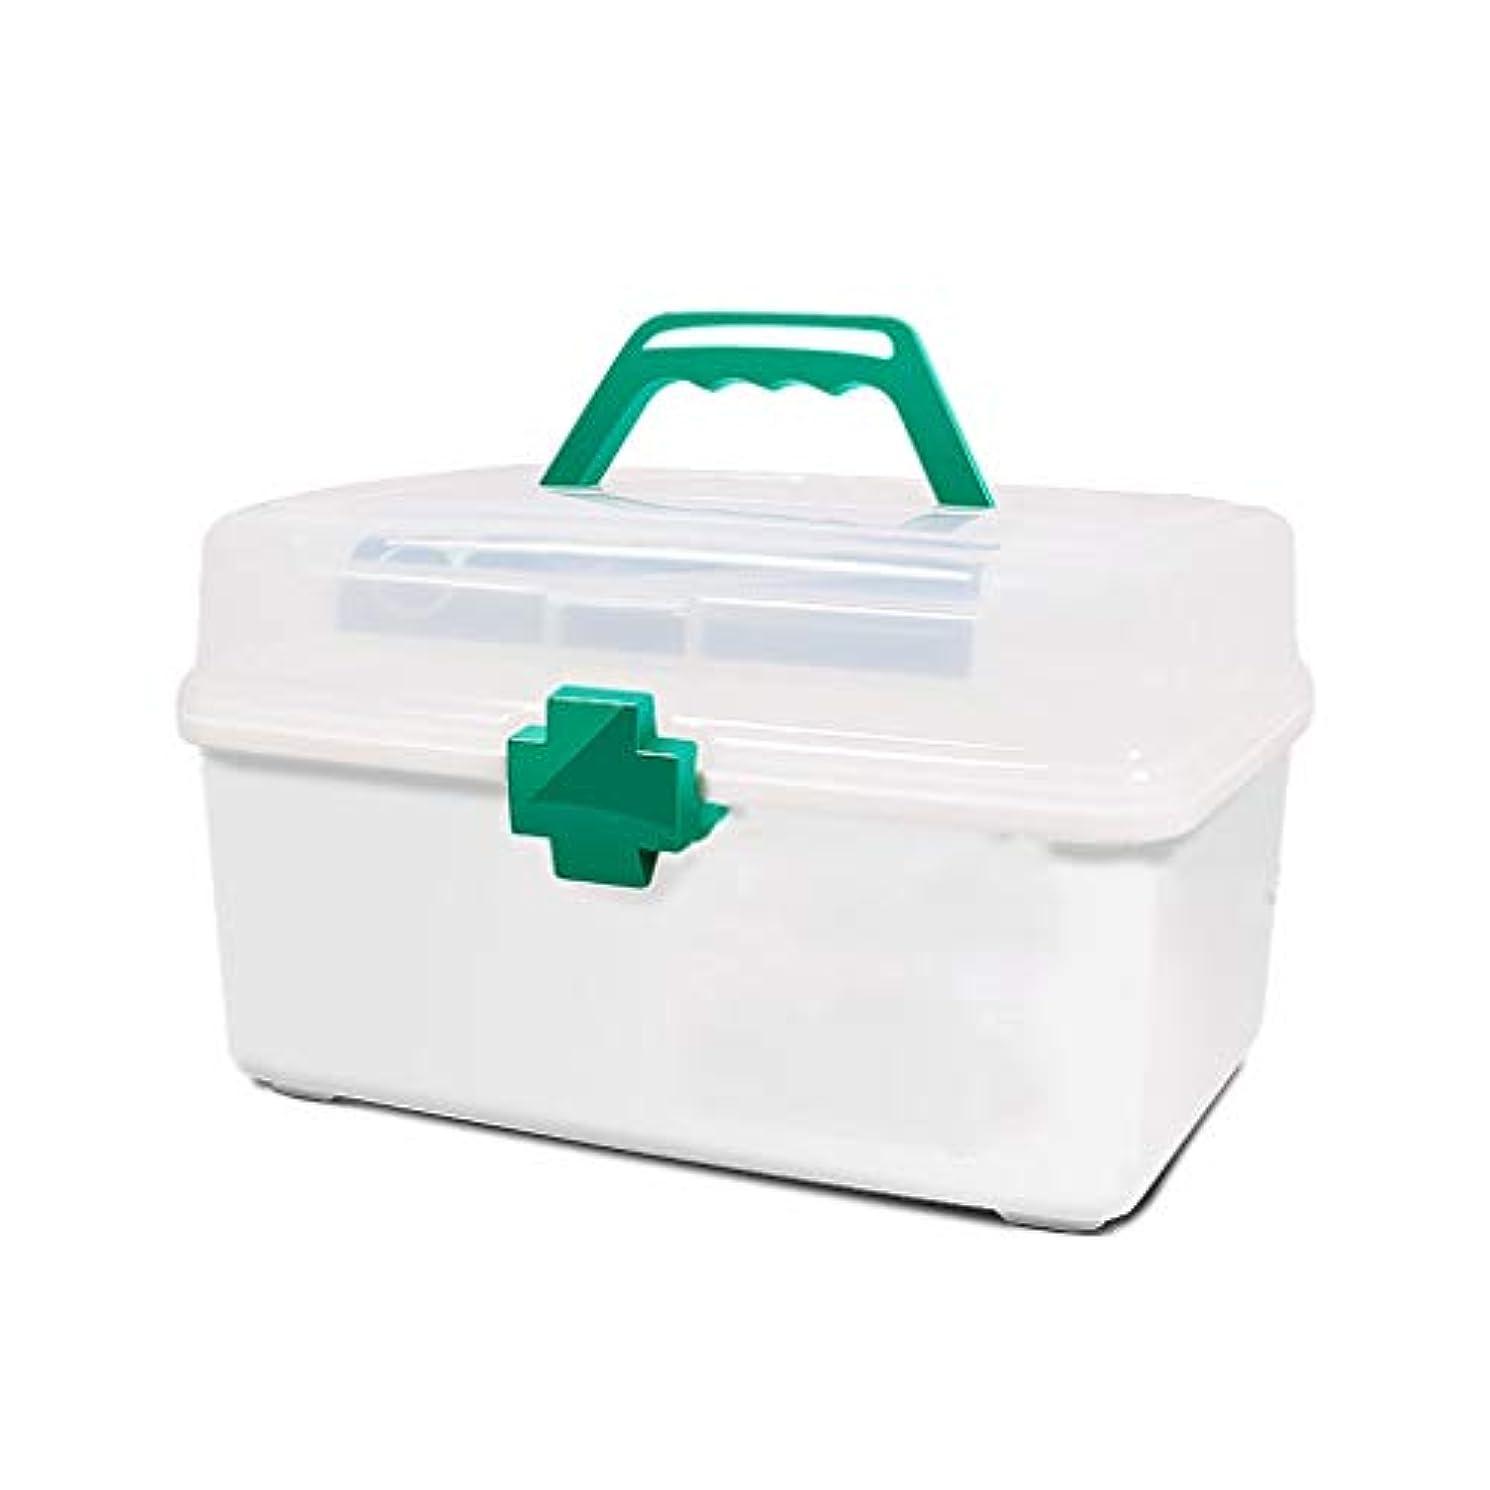 空中予見する修理可能小さい薬剤の収納箱を運ぶのに便利な救急箱のうちの家庭医学の箱 HUXIUPING (Size : M)